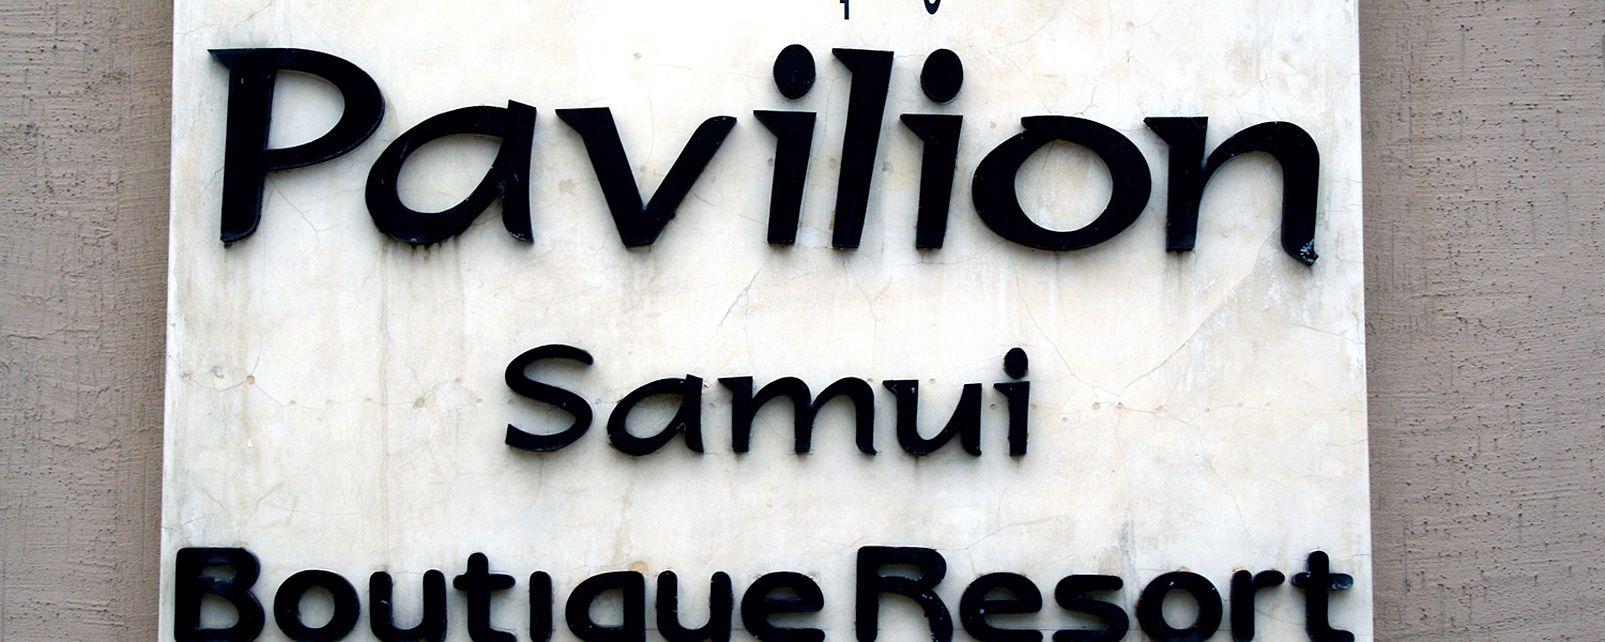 Hotel Pavilion Samui